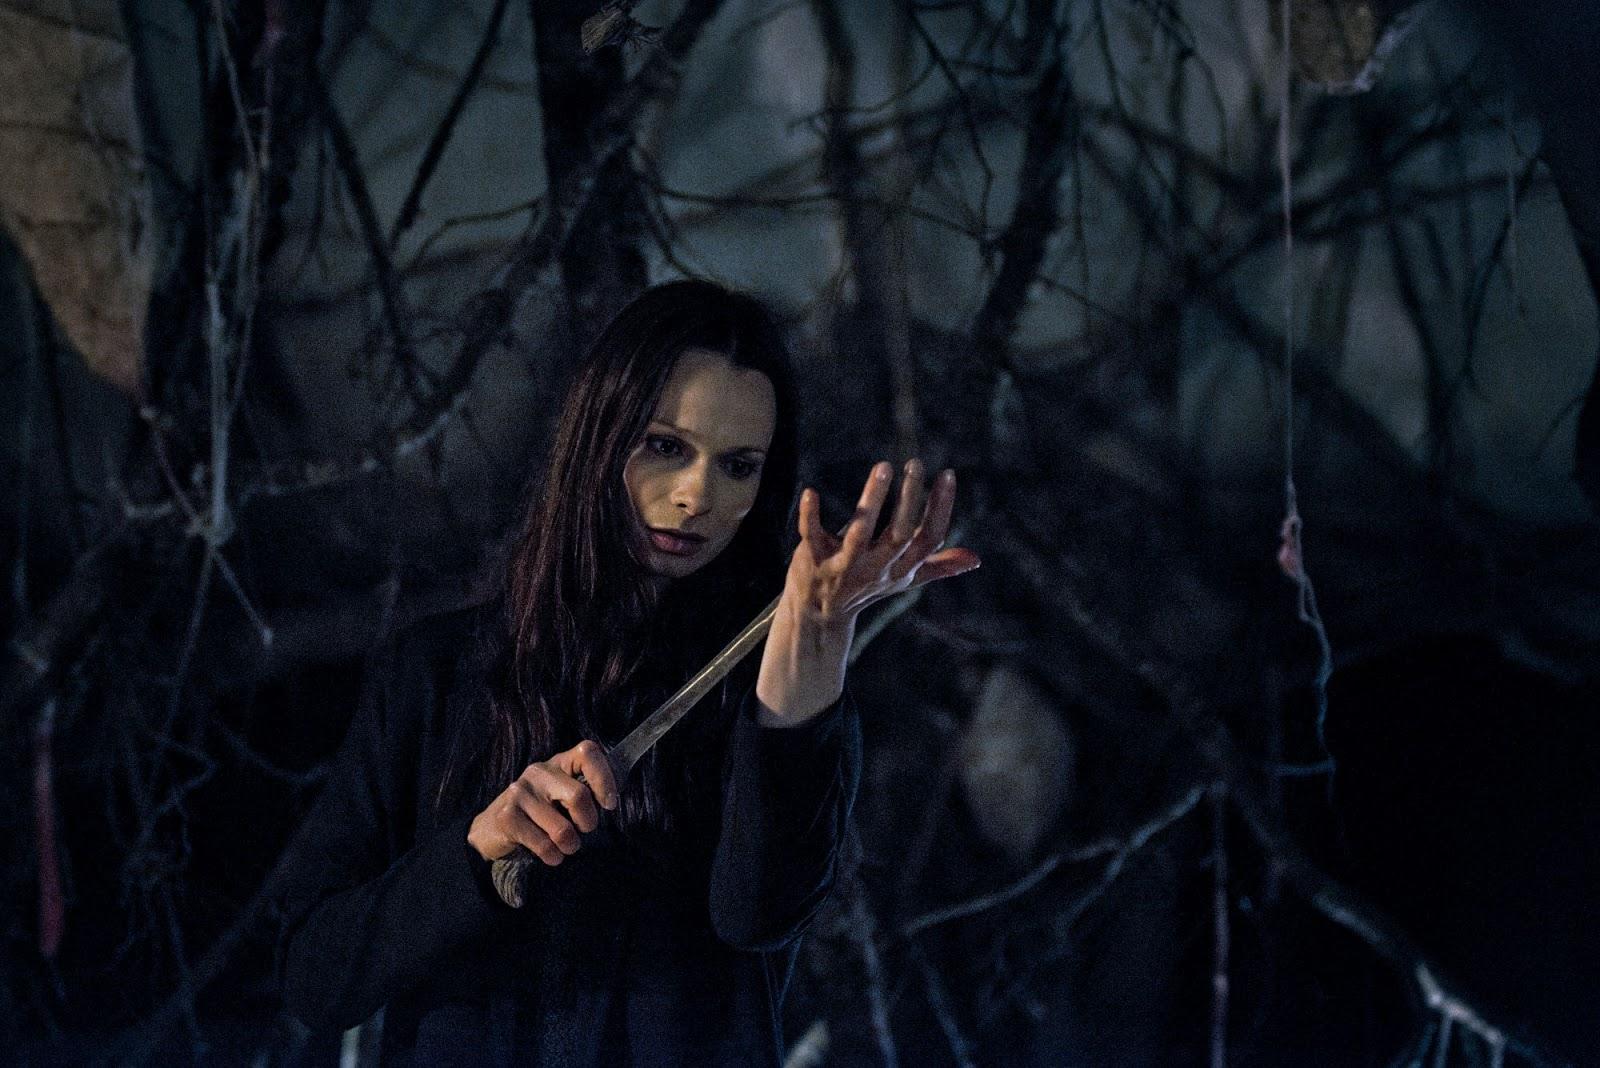 The witch madlen sopadzhiyan